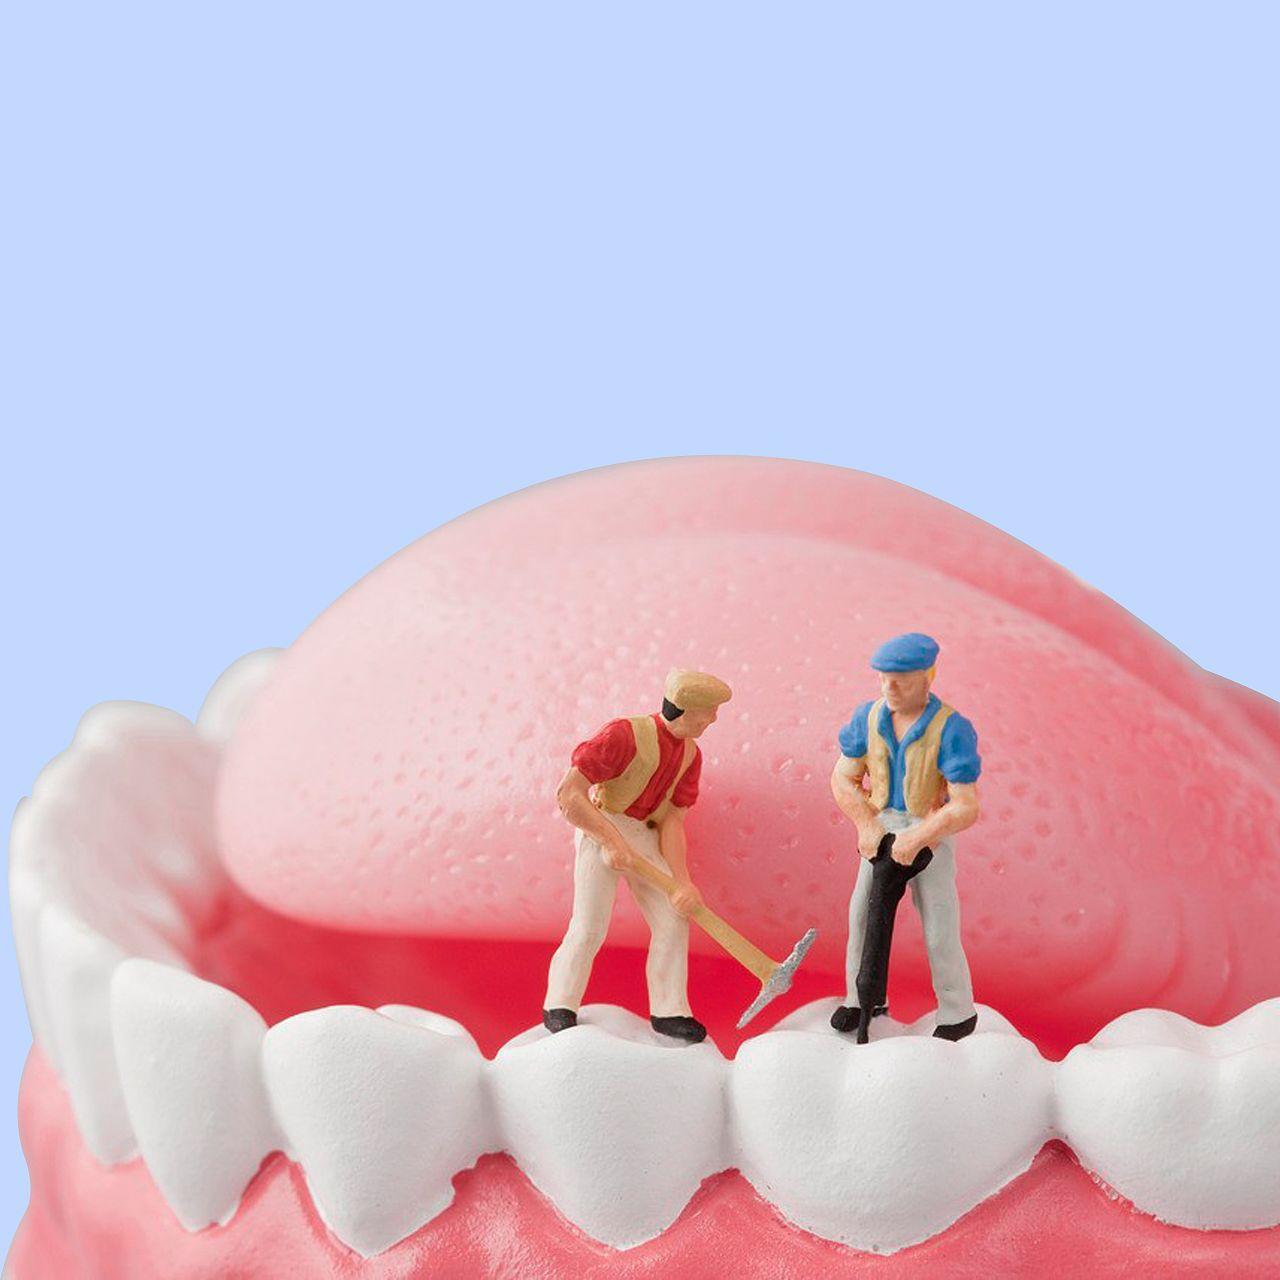 锦州医疗美容种植牙好处